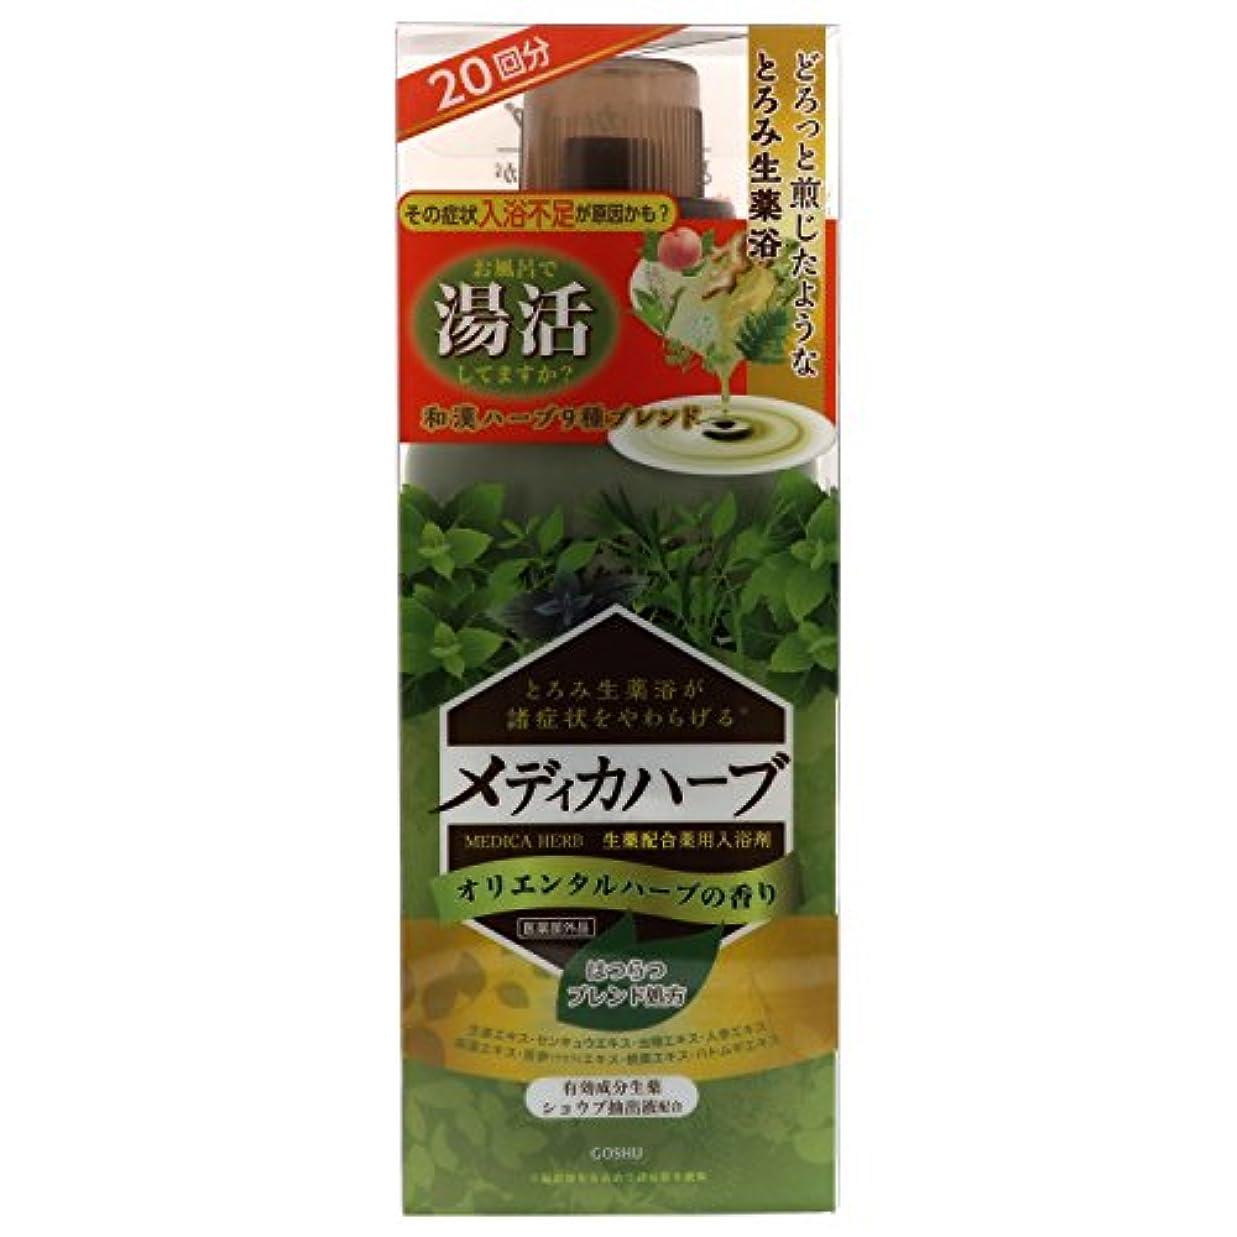 掘るレイア仕様メディカハーブ オリエンタルハーブの香り 400ML(20回分) [医薬部外品]